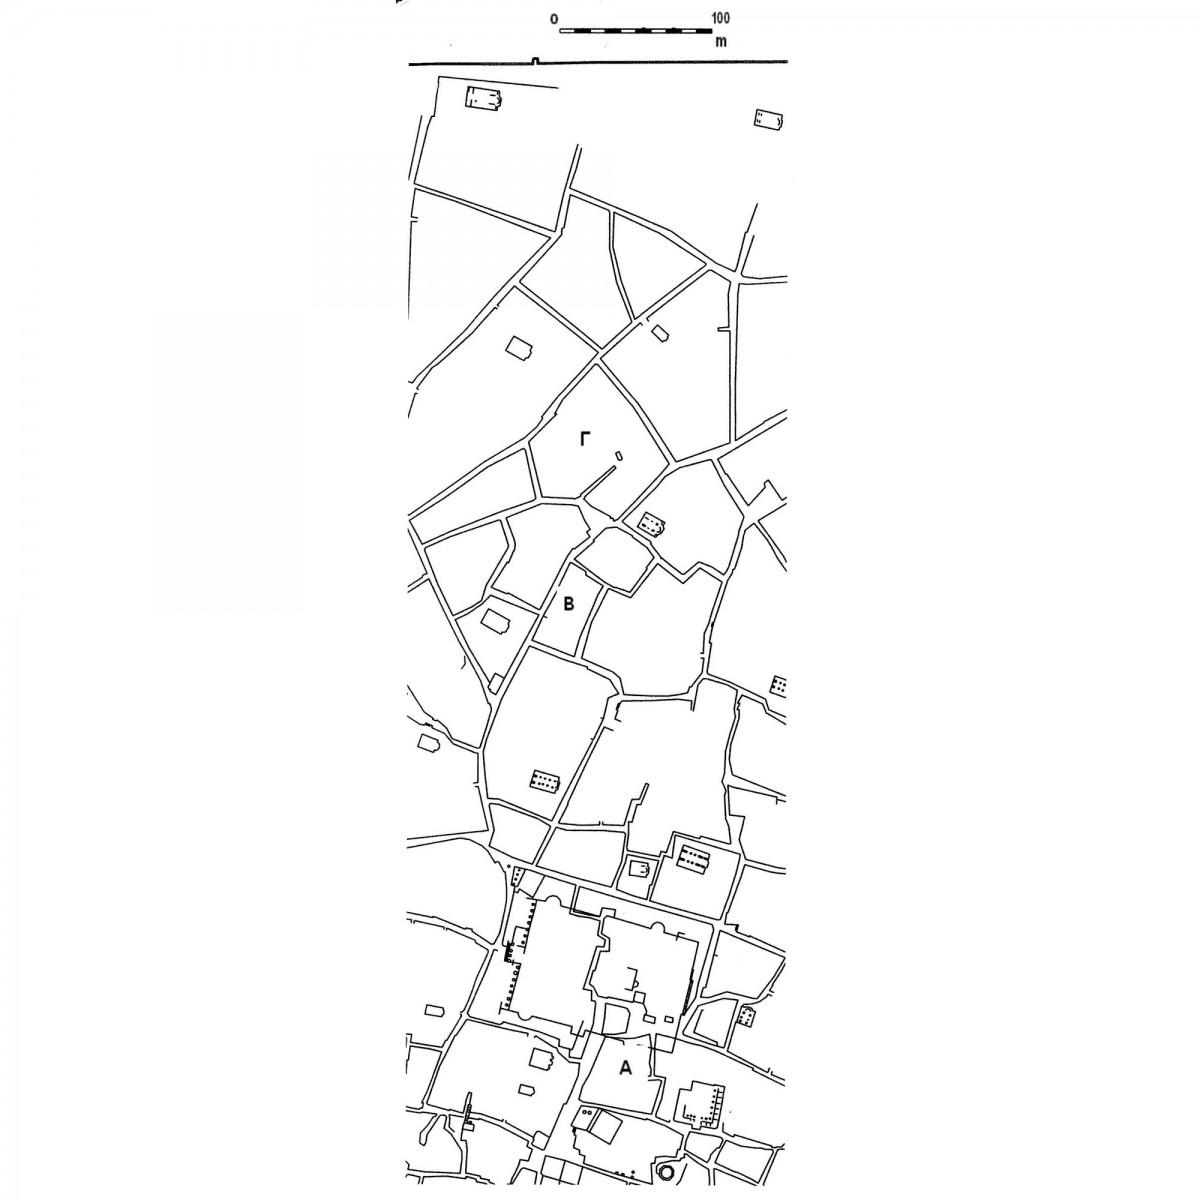 Εικ. 1. Απόσπασμα του χάρτη των Σταμάτη Κλεάνθη και Eduard Schaubert, του 1832 (ανασχεδίαση Δ. Ρουμπιέν). Σημειώνονται οι σχολιαζόμενες οικοδομικές νησίδες του Σταροπάζαρου (Α) και της κατοπινής οδού Αθηνάς (Β και Γ).